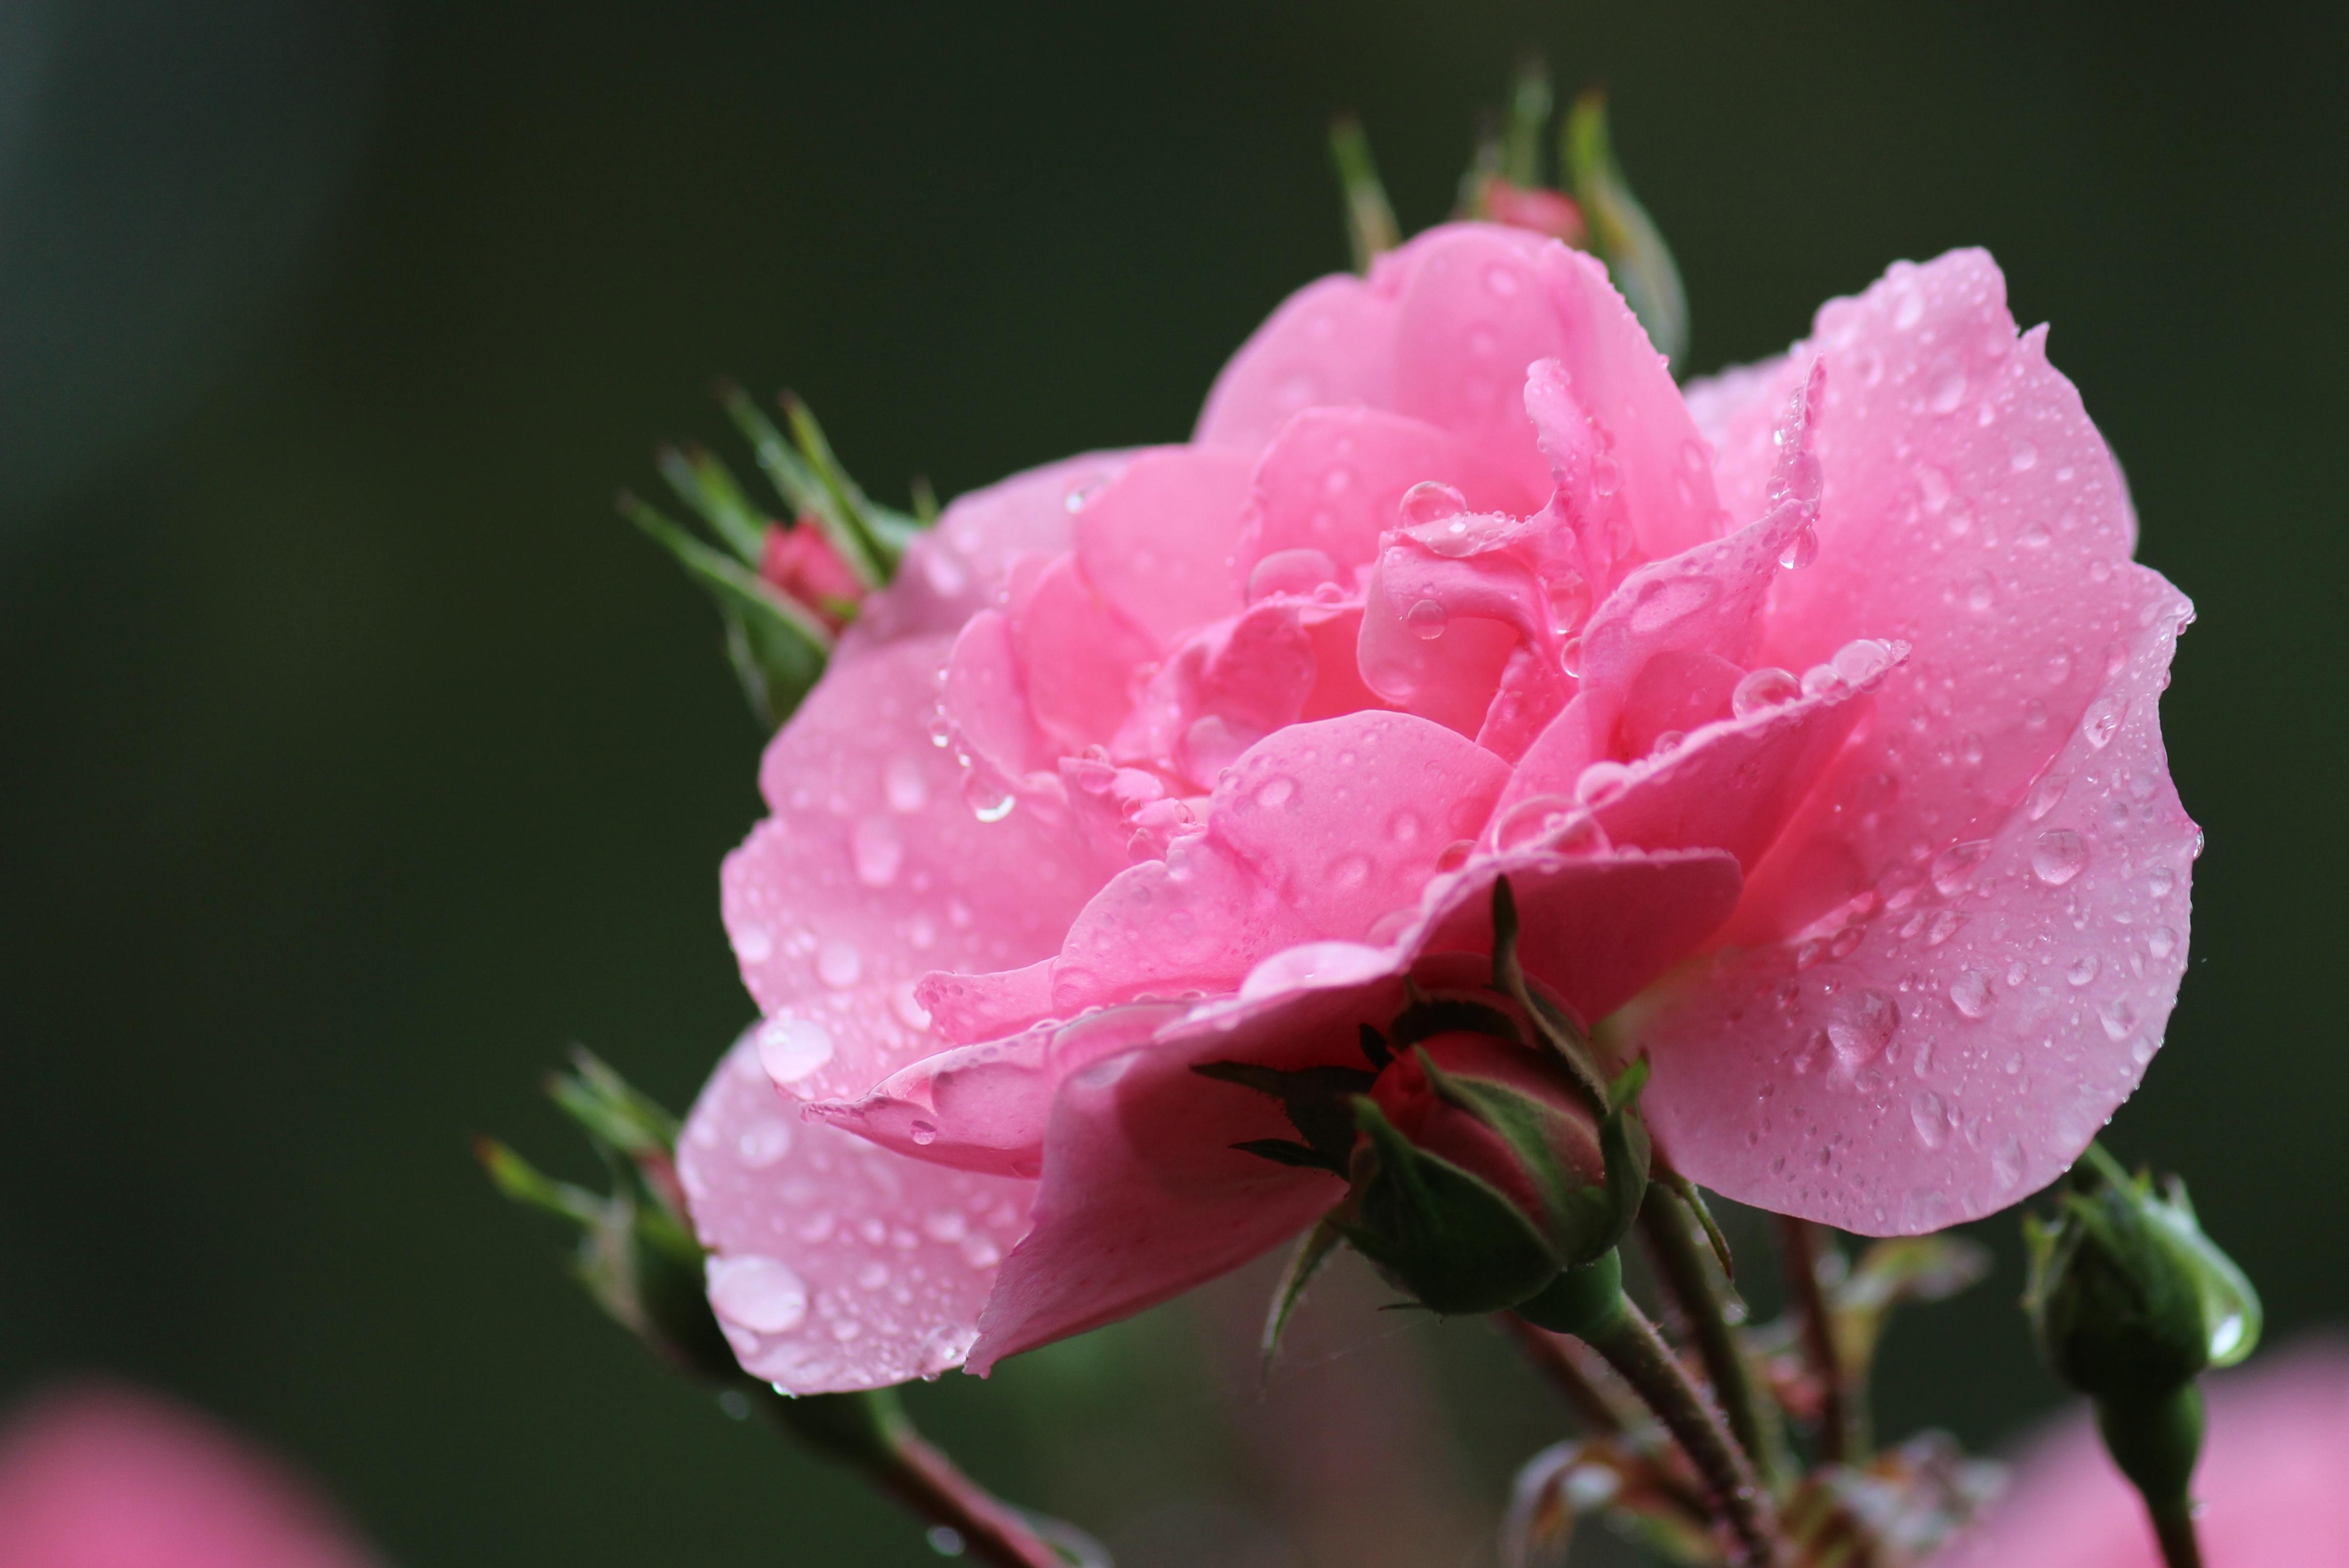 pin-rose-dew